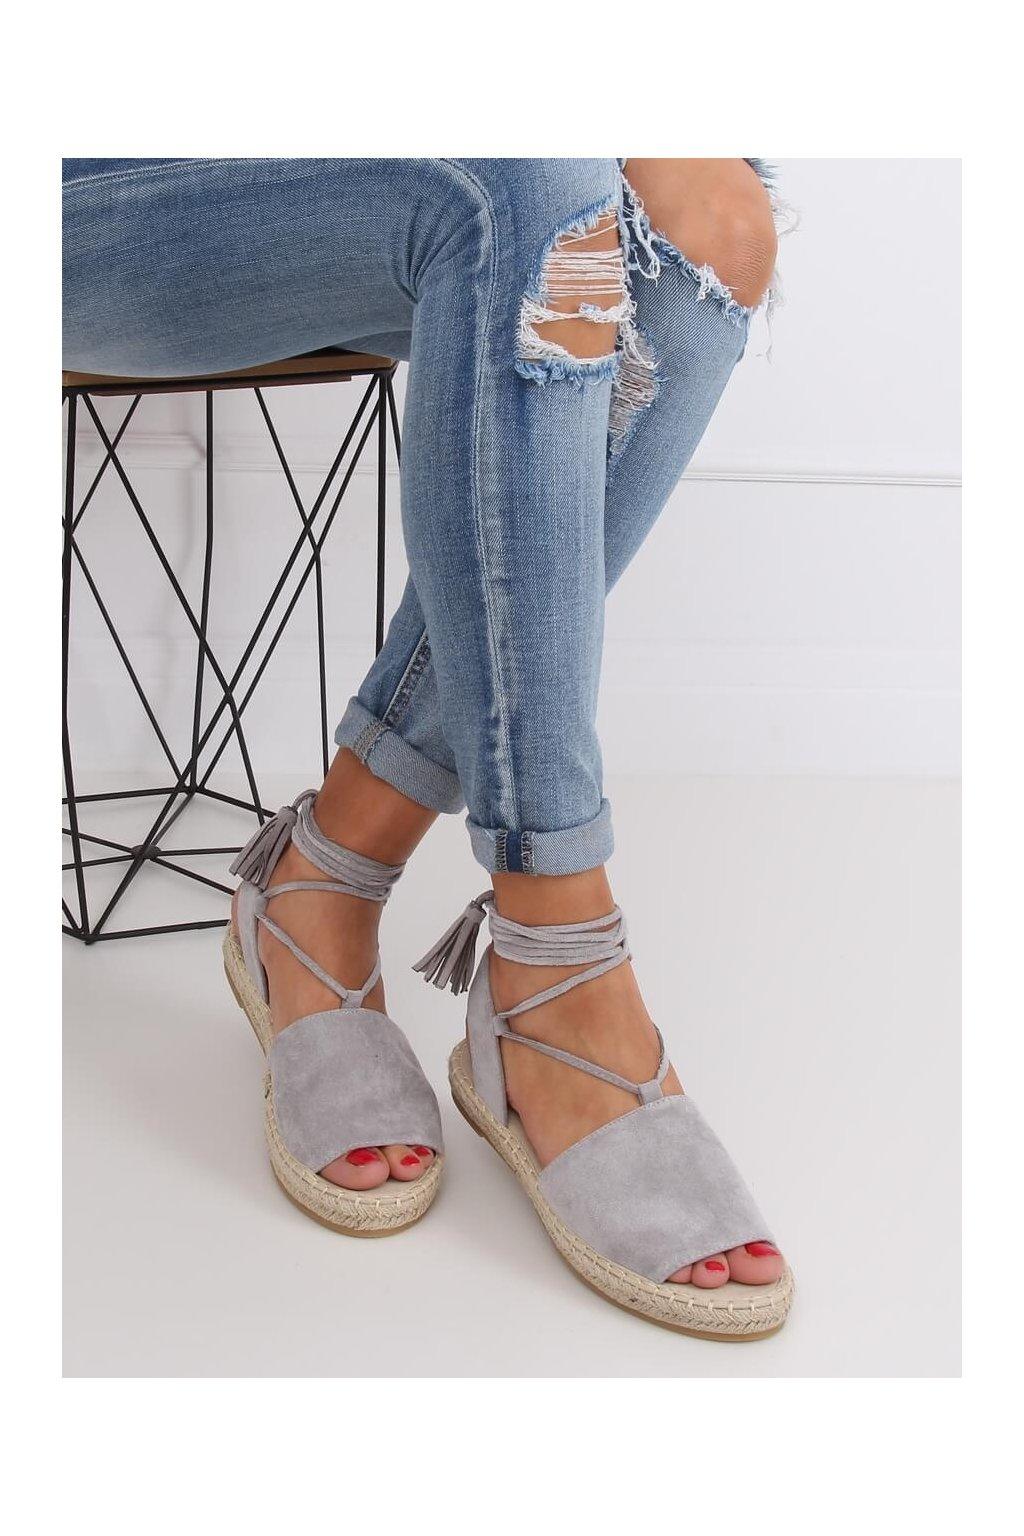 Dámske sandále s plochou podrážkou na platforme sivé BB25